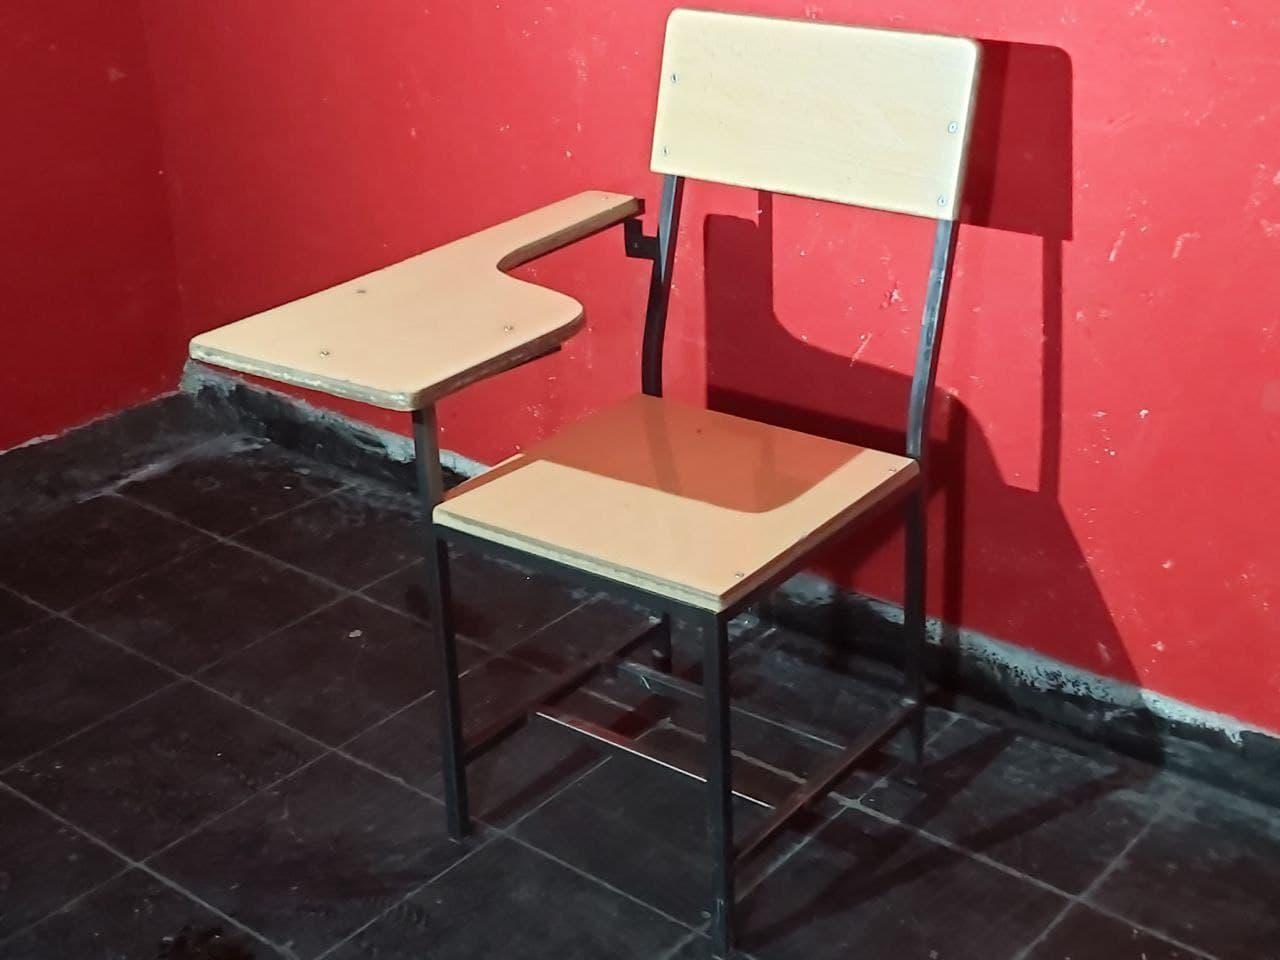 فروش صندلی دانش آموزی بسیار باکیفیت